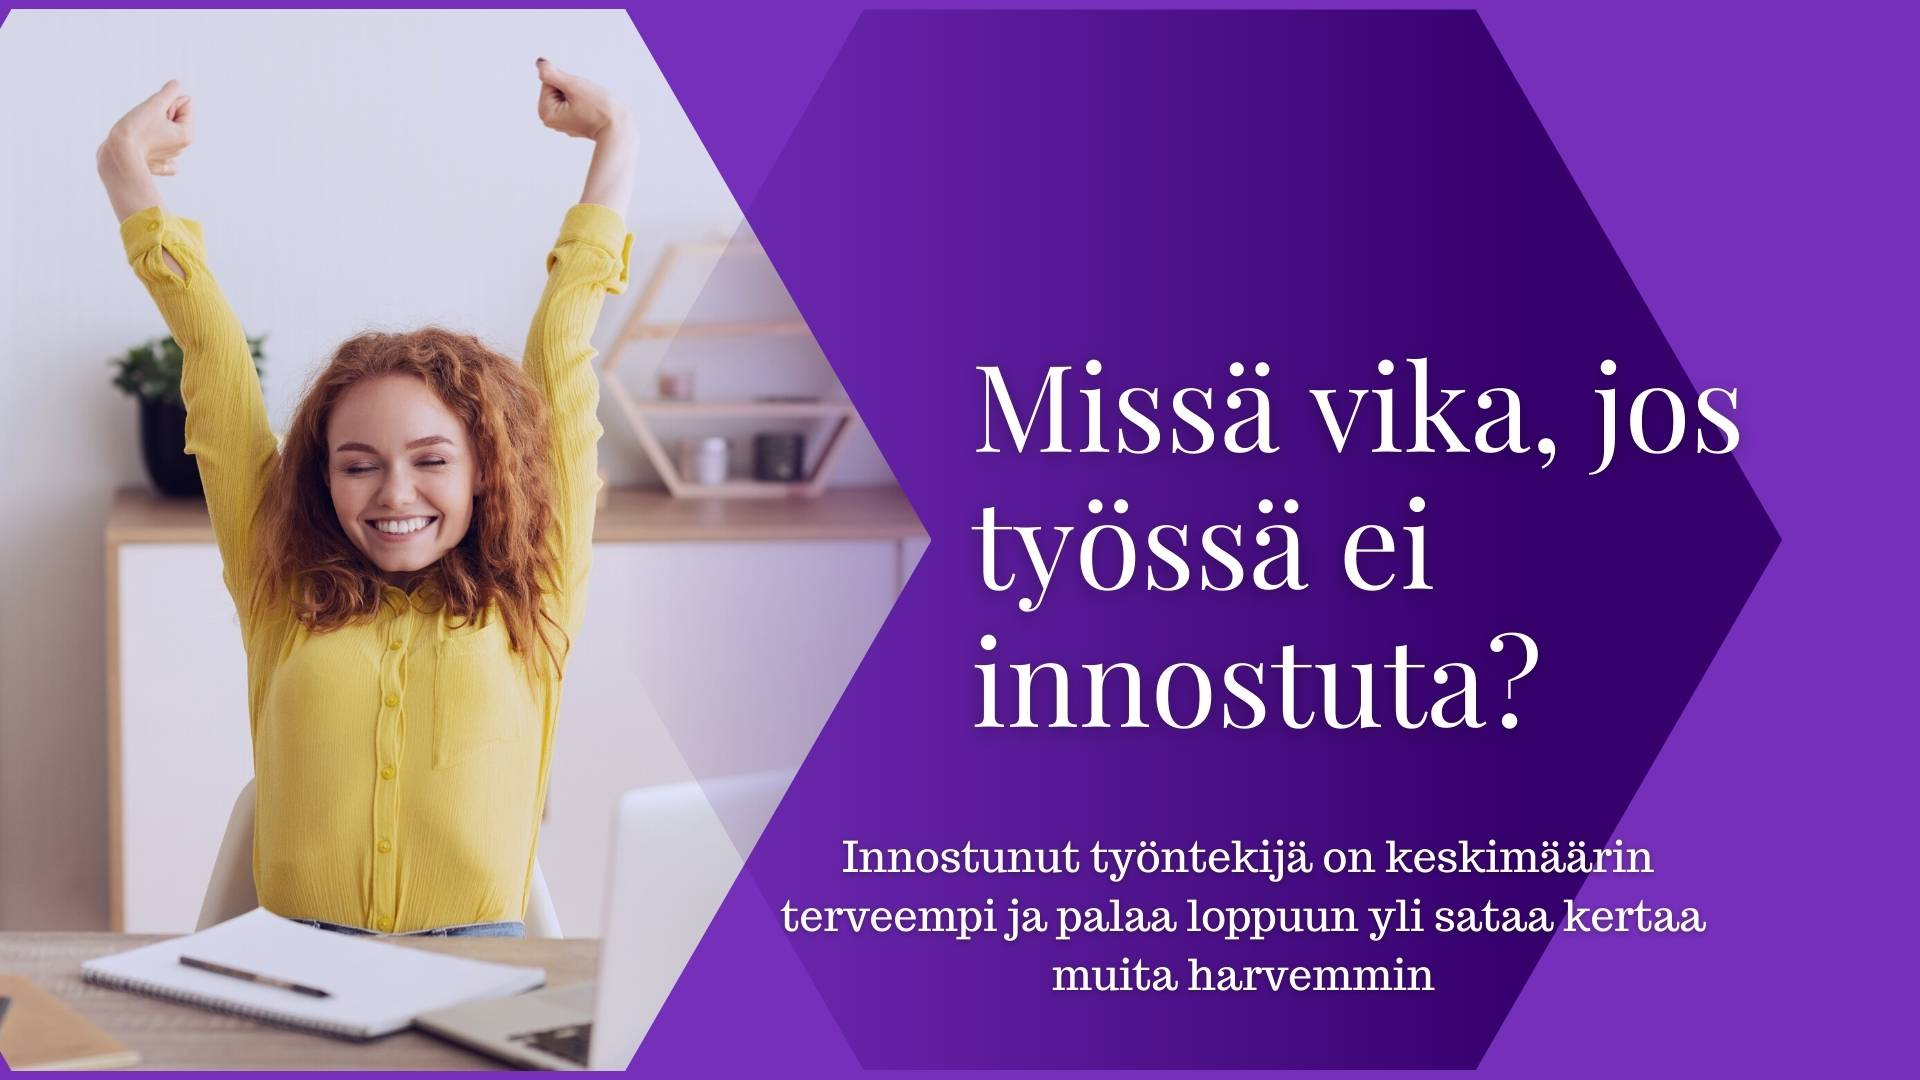 4. Missä vika, jos työssä ei innostuta – Minna Mattila-Aalto